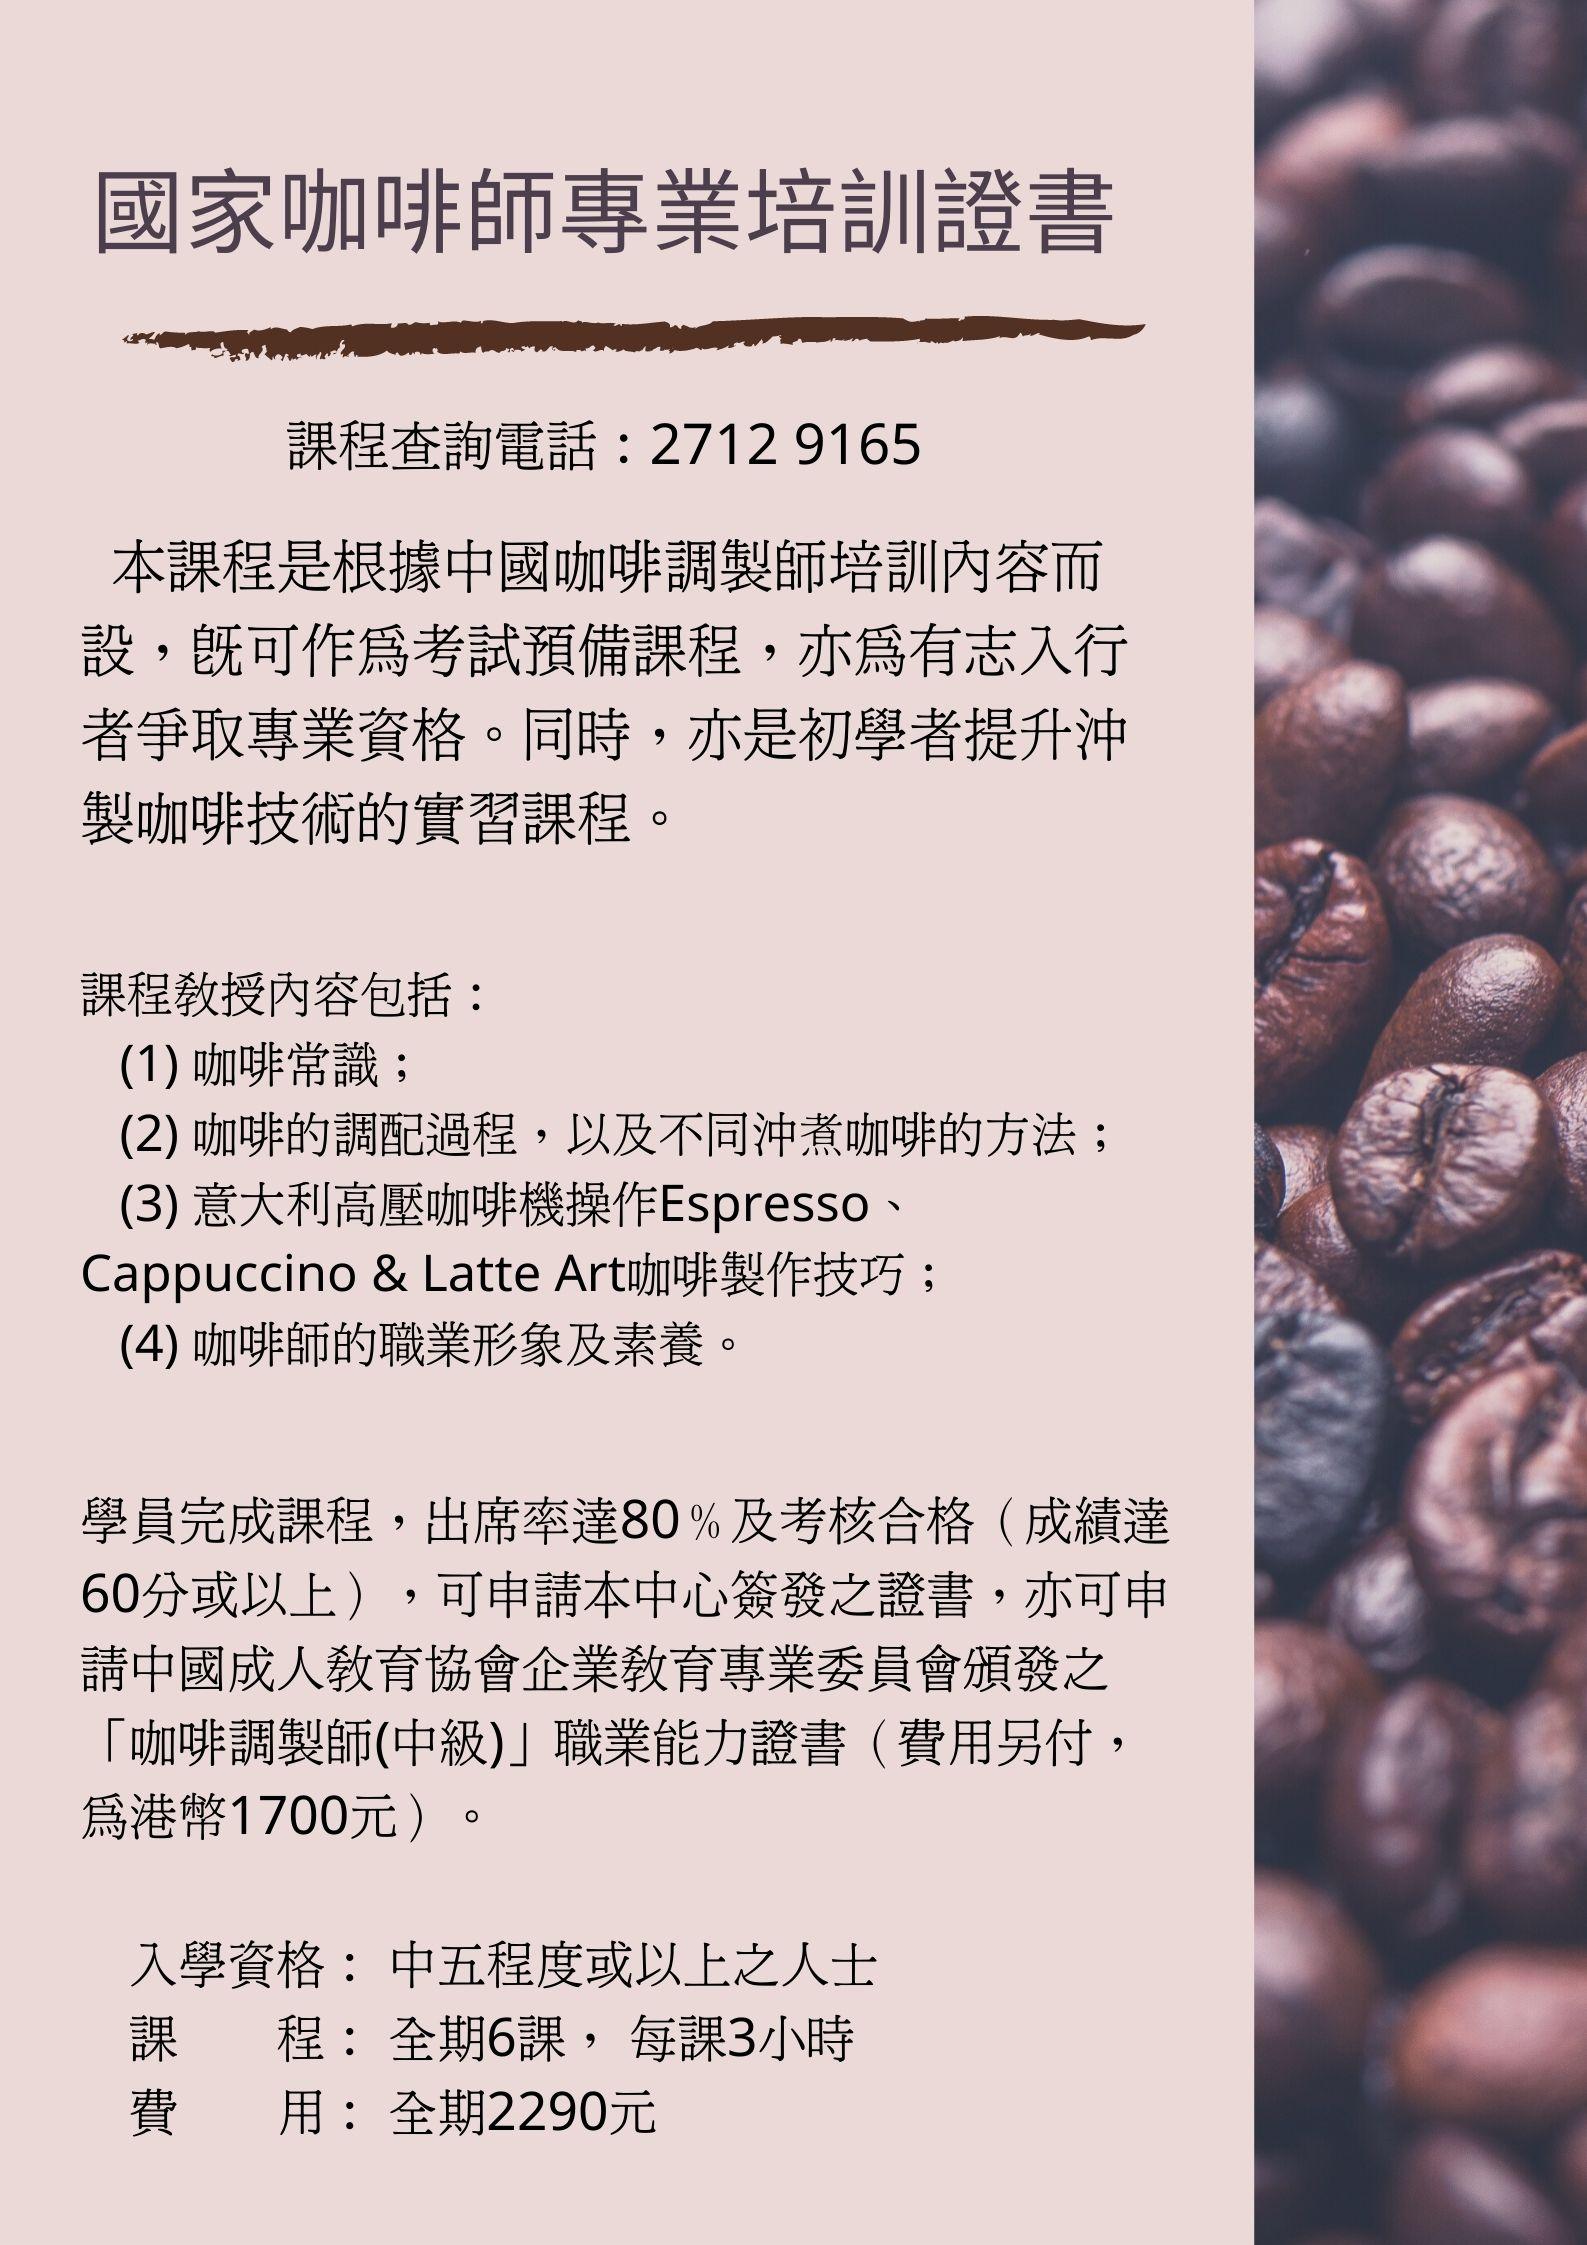 國家咖啡師專業培訓證書